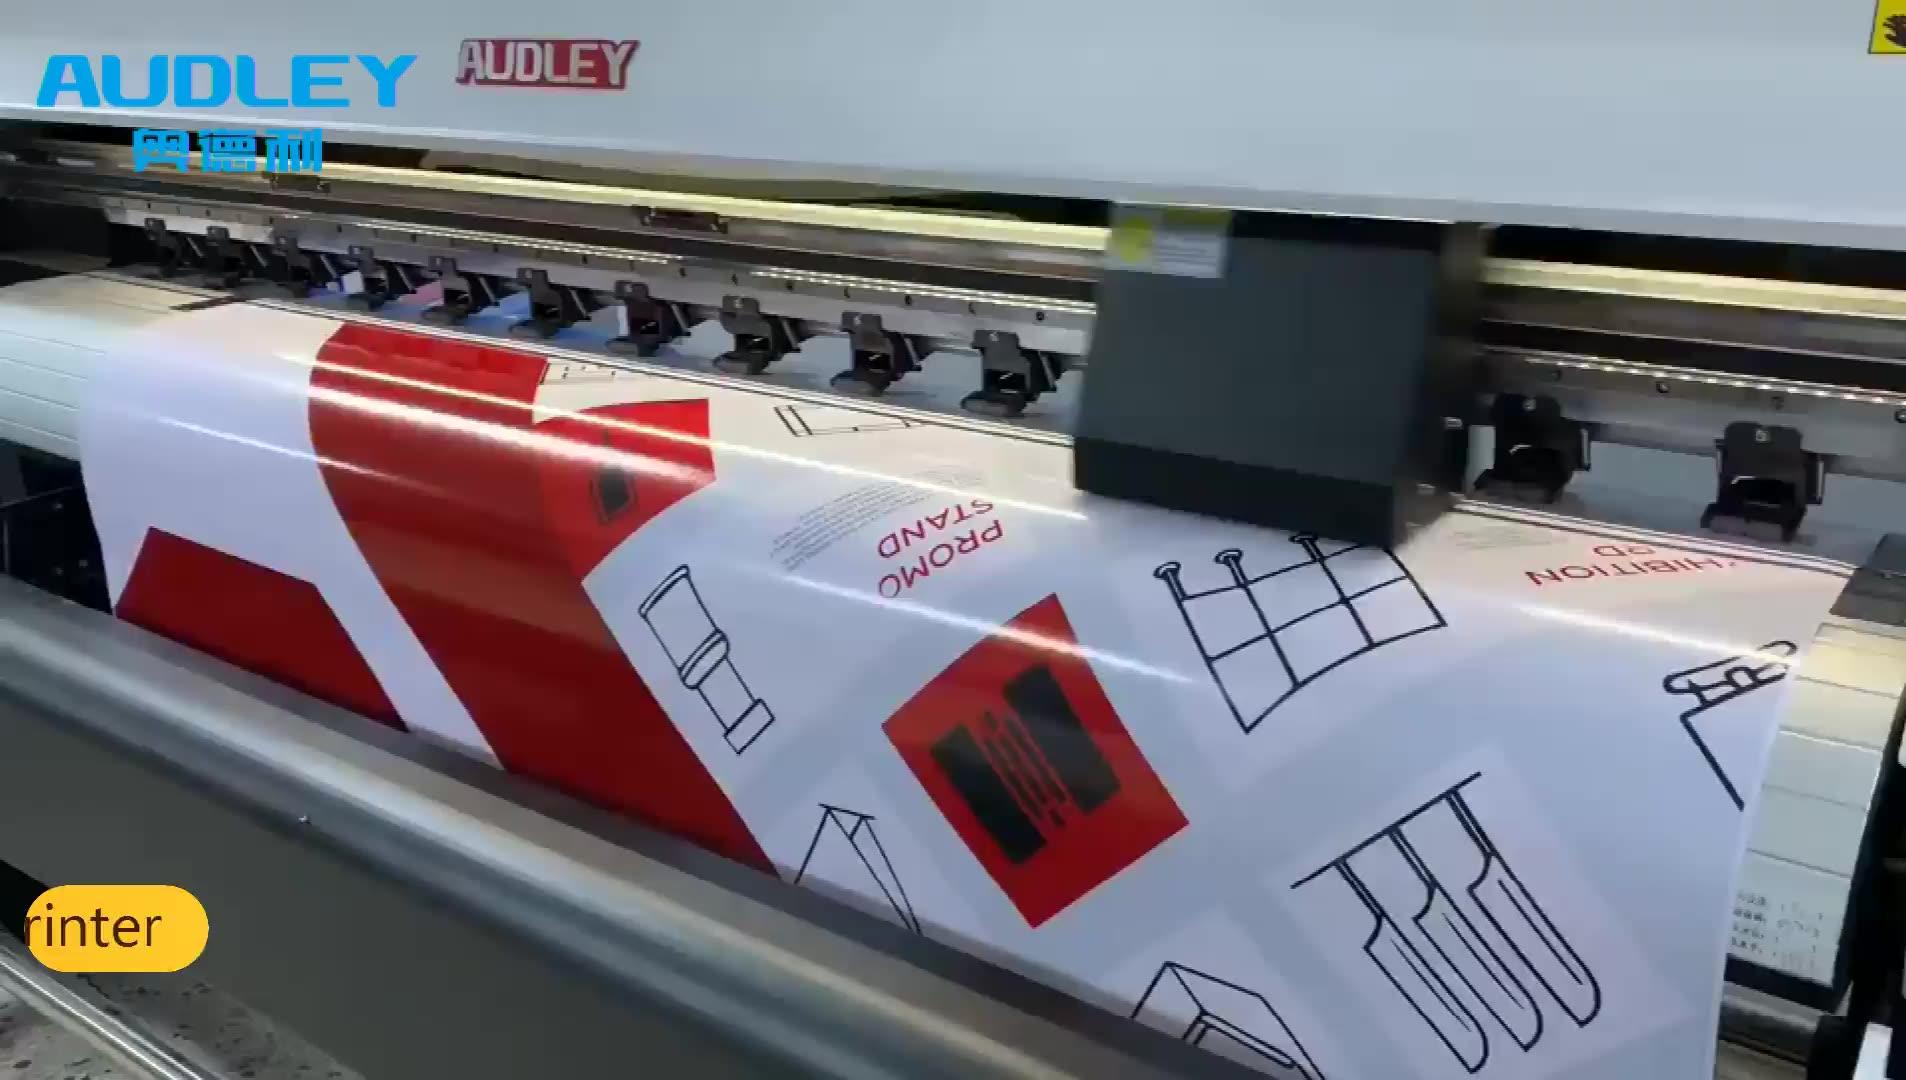 1.8m audleyราคาถูกECOตัวทำละลายเครื่องพิมพ์ติดตั้ง 1 หรือ 2 XP600 สำหรับโฆษณาการพิมพ์